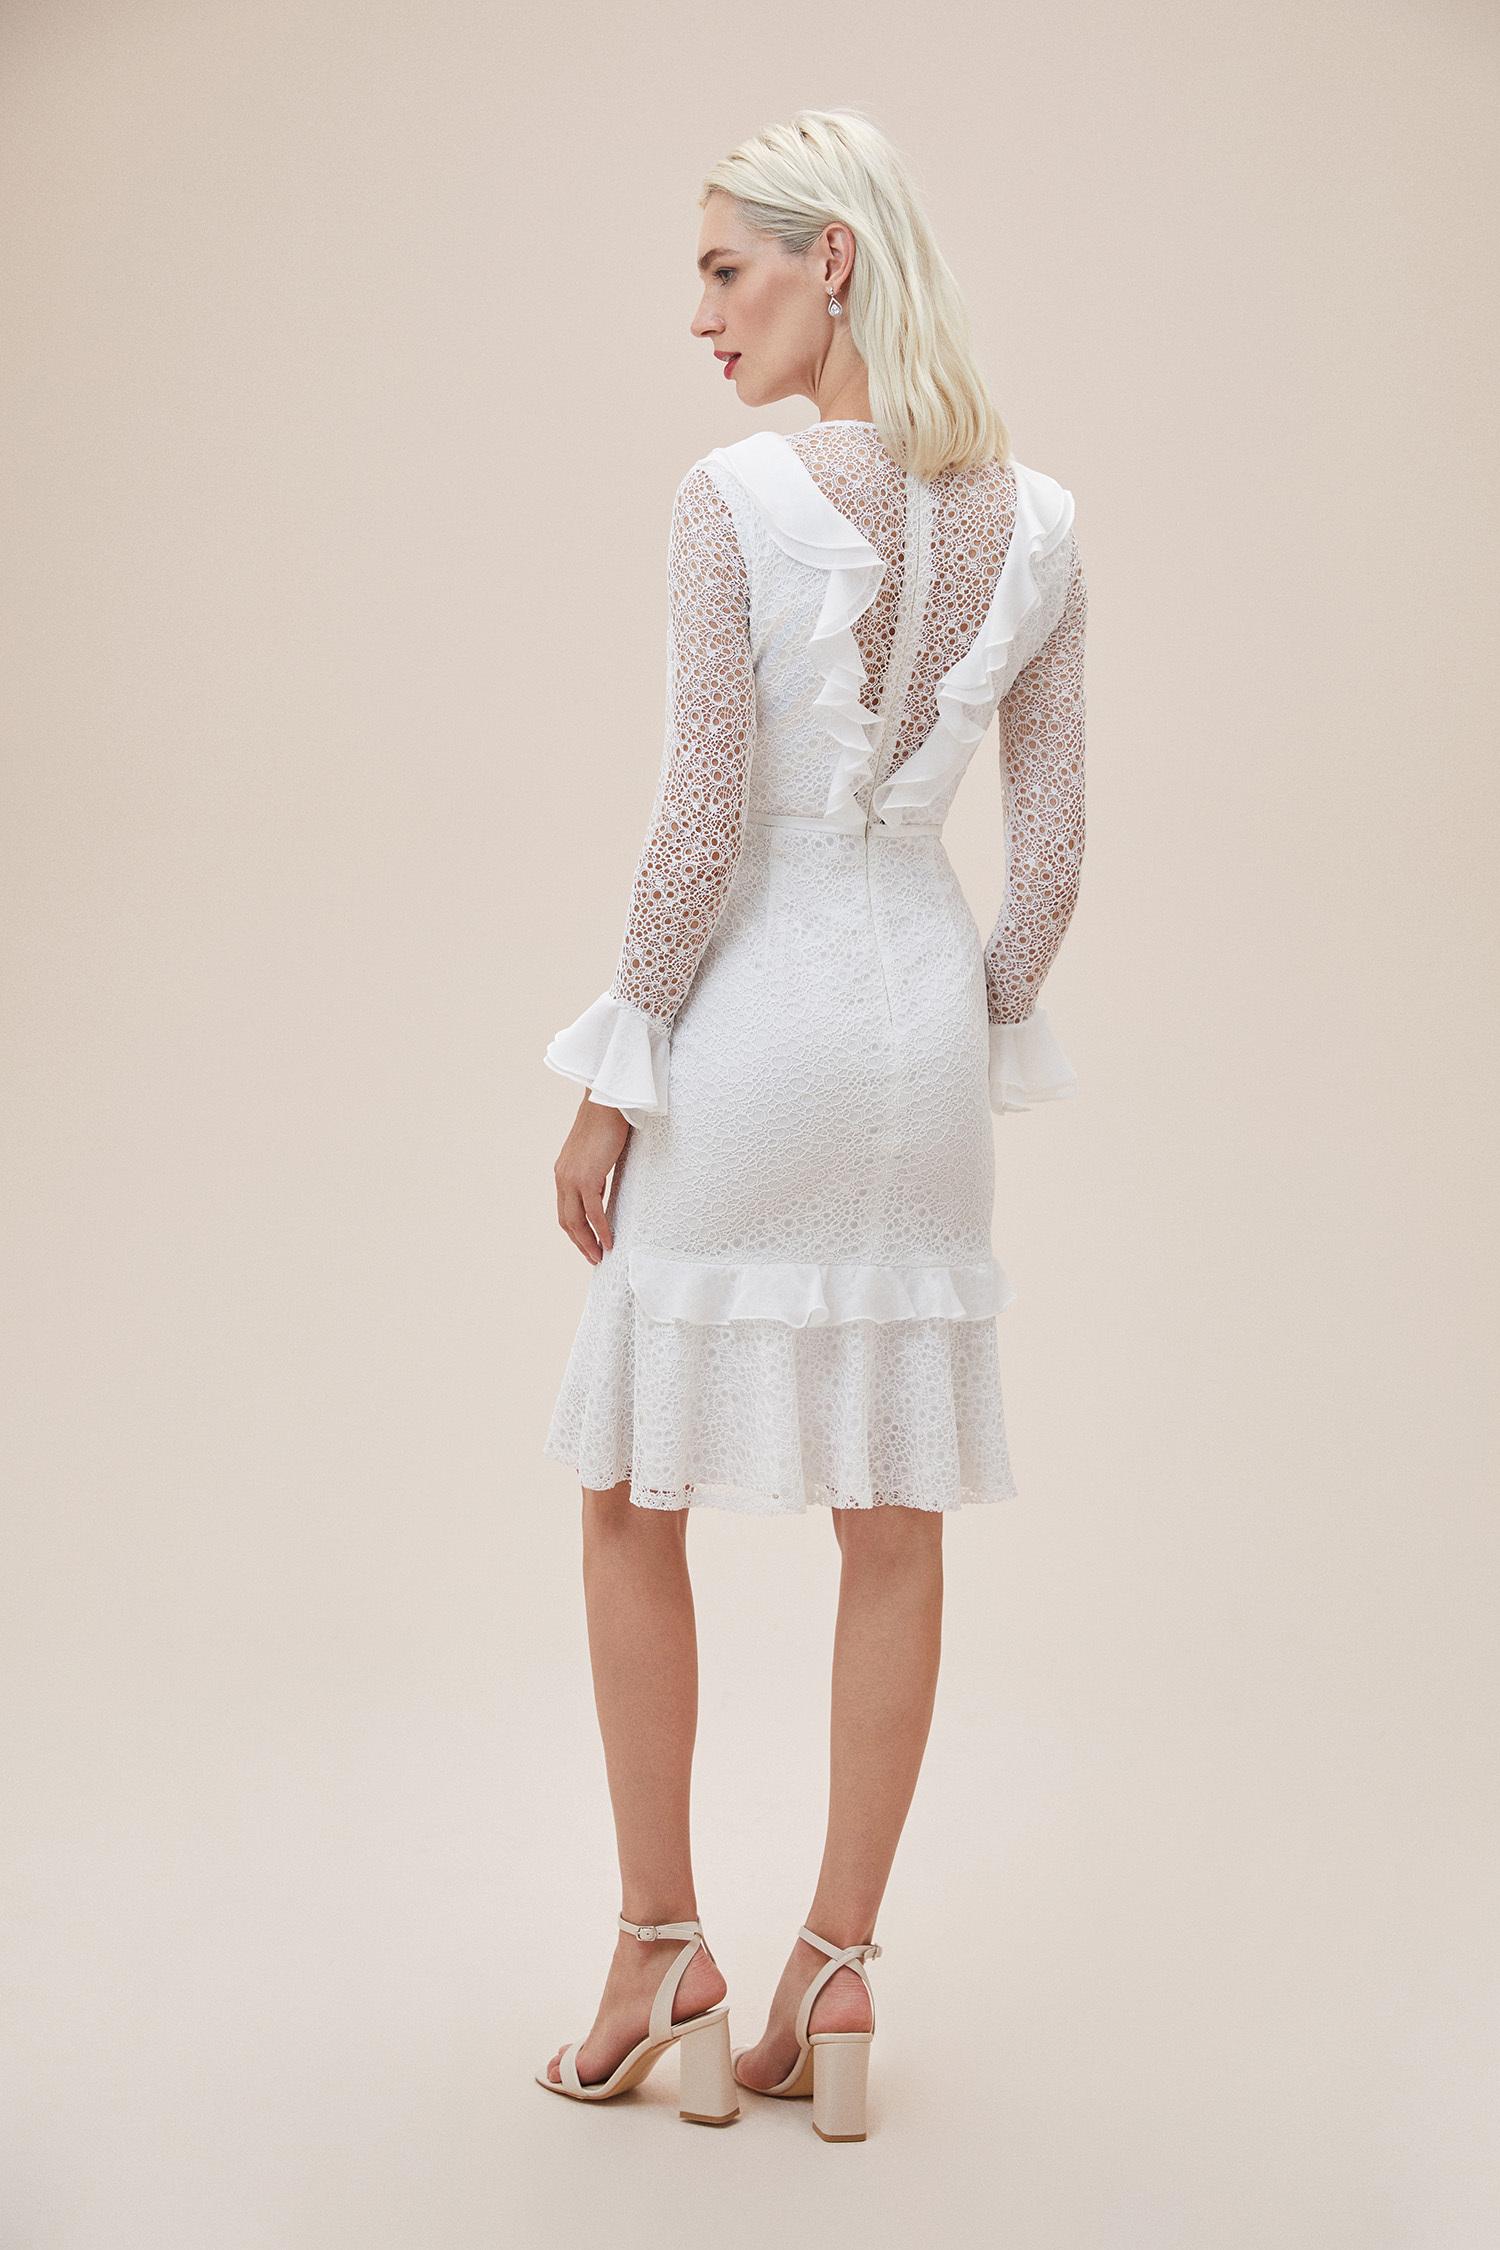 Beyaz Dantelli Yakası Fırfırlı Midi Boy Nikah Elbisesi - Thumbnail